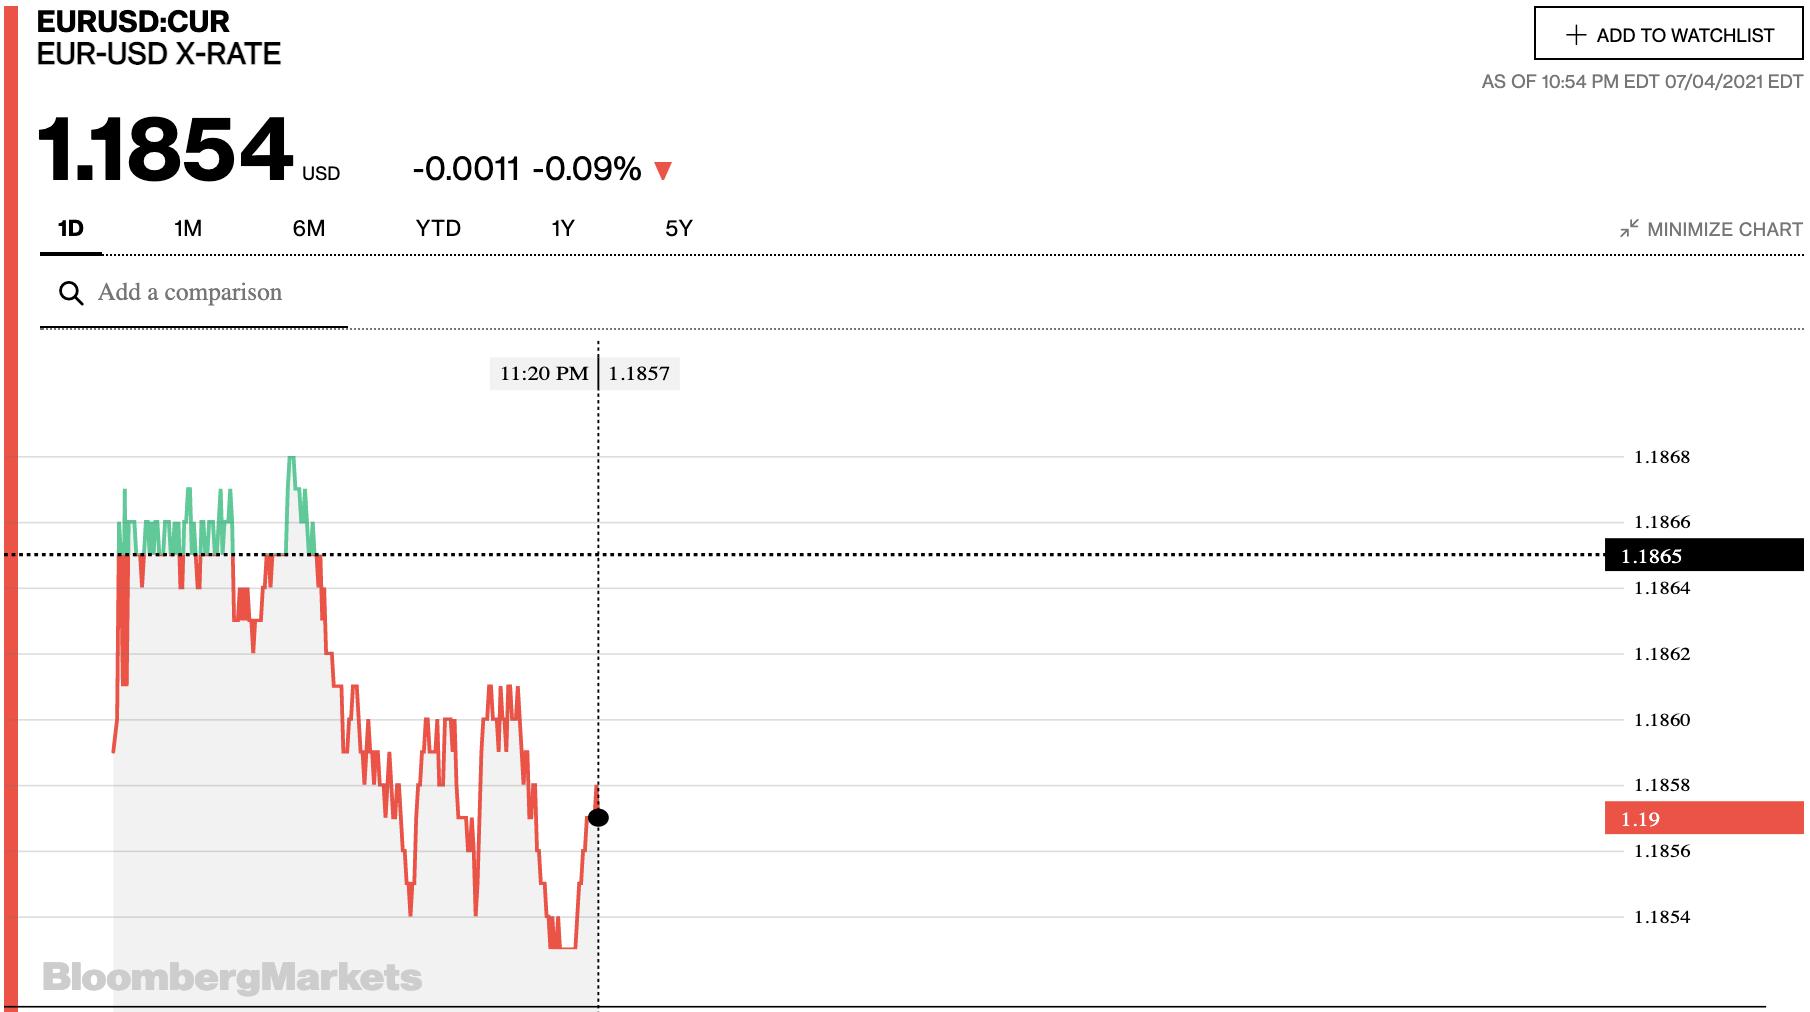 Tỷ giá euro hôm nay 5/7: Các ngân hàng bất ngờ quay đầu tăng đồng loạt ngày đầu tuần - Ảnh 2.